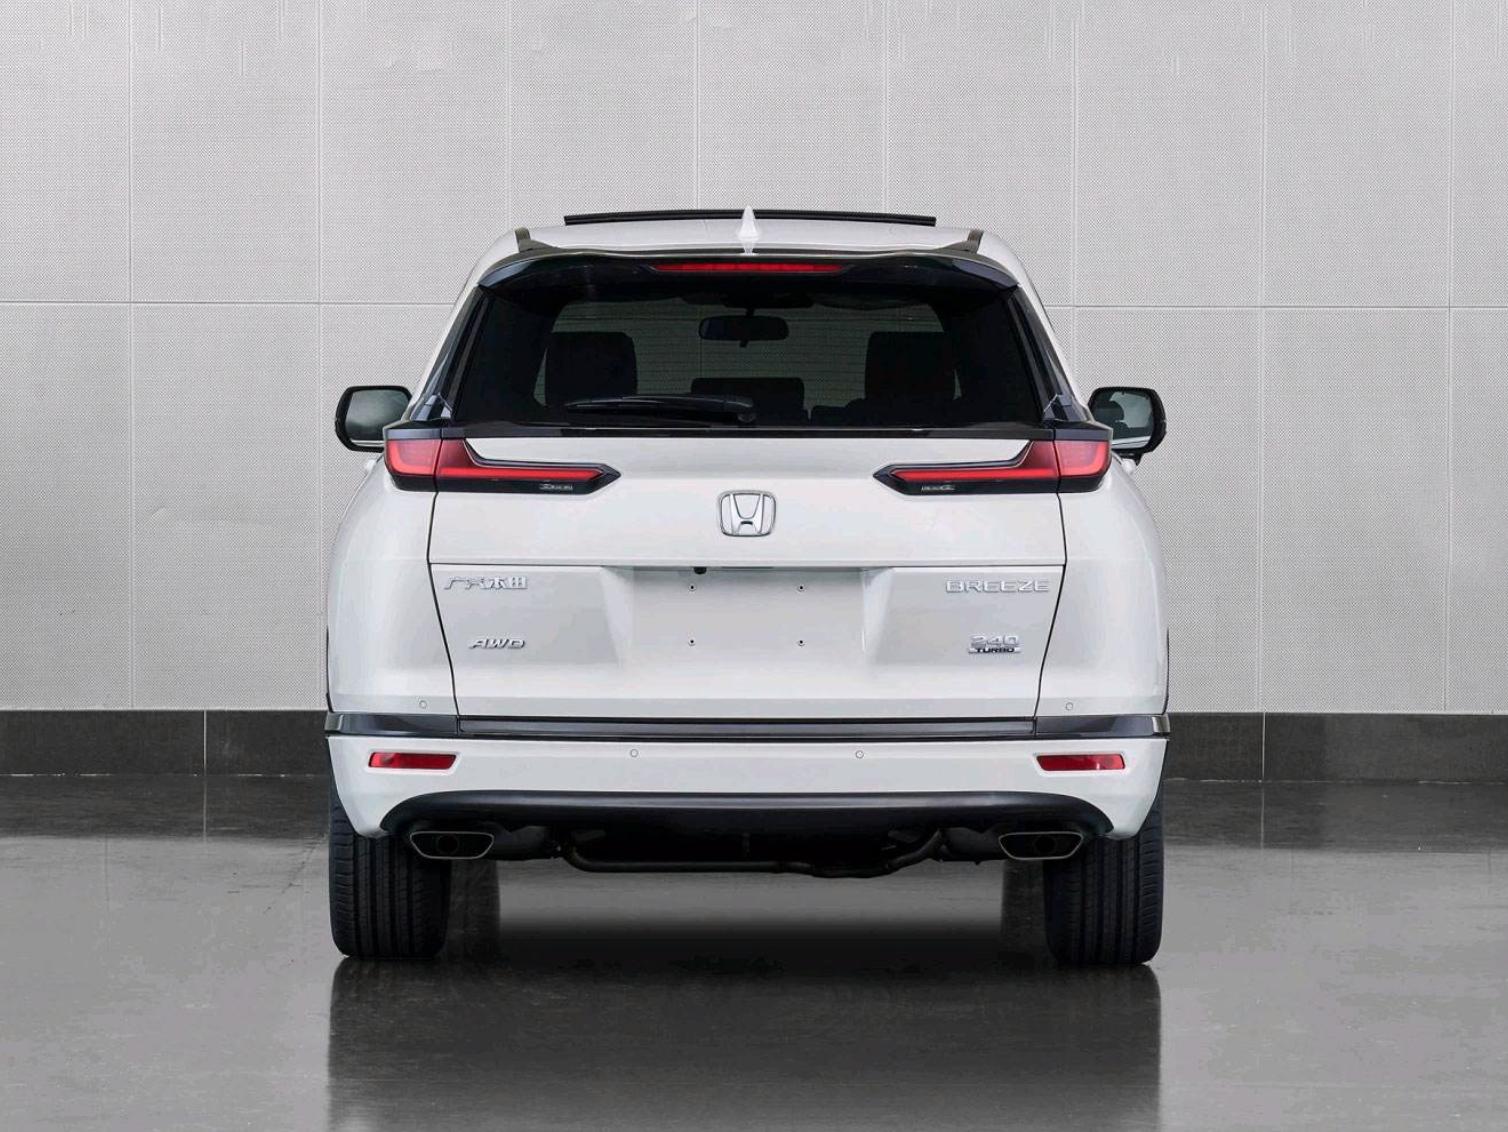 全新本田SUV皓影 将于9月25日开启预售